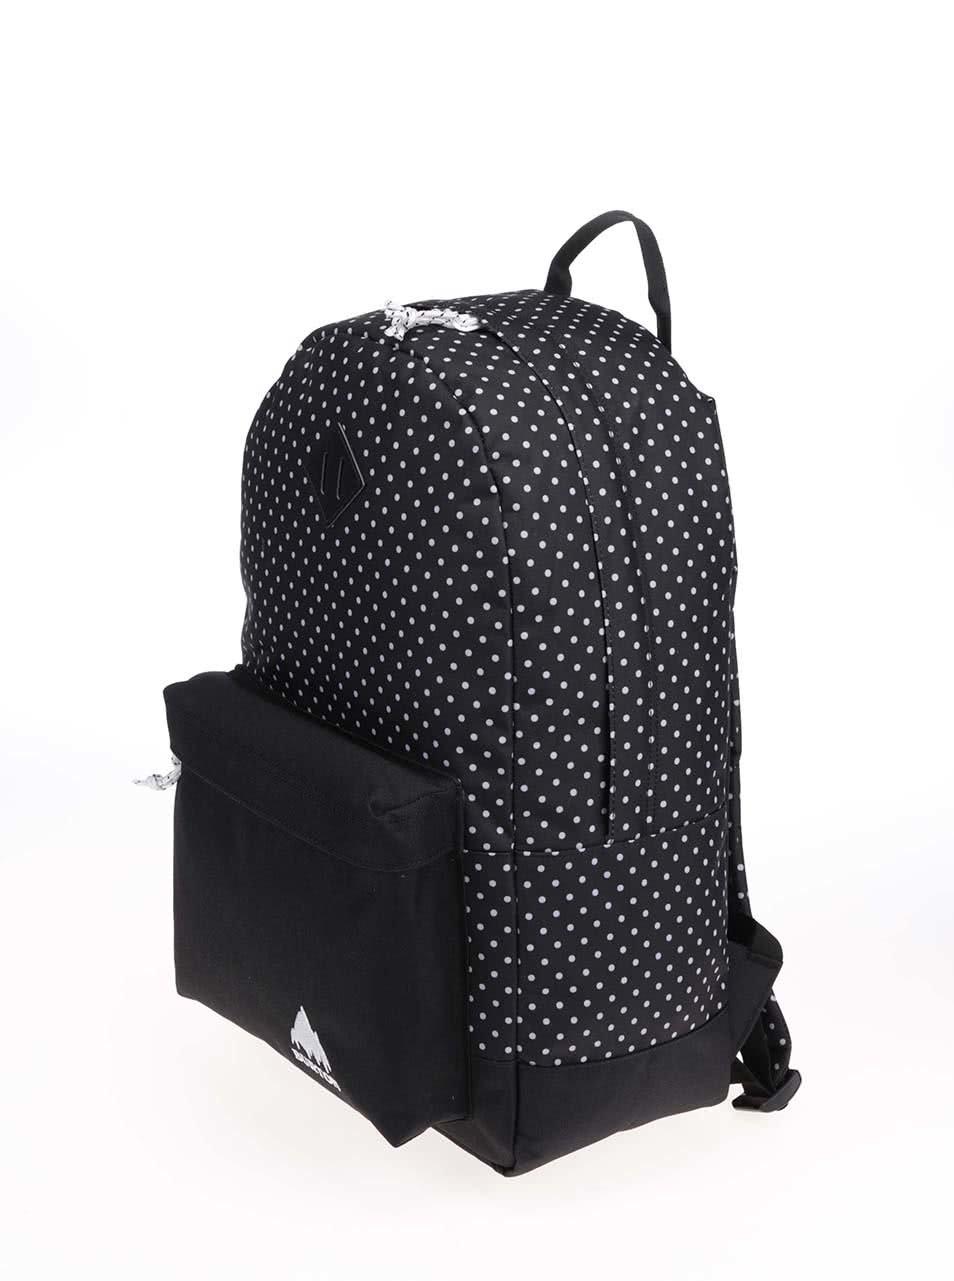 Černý batoh s bílými puntíky Burton Kettle ... 47632517a8